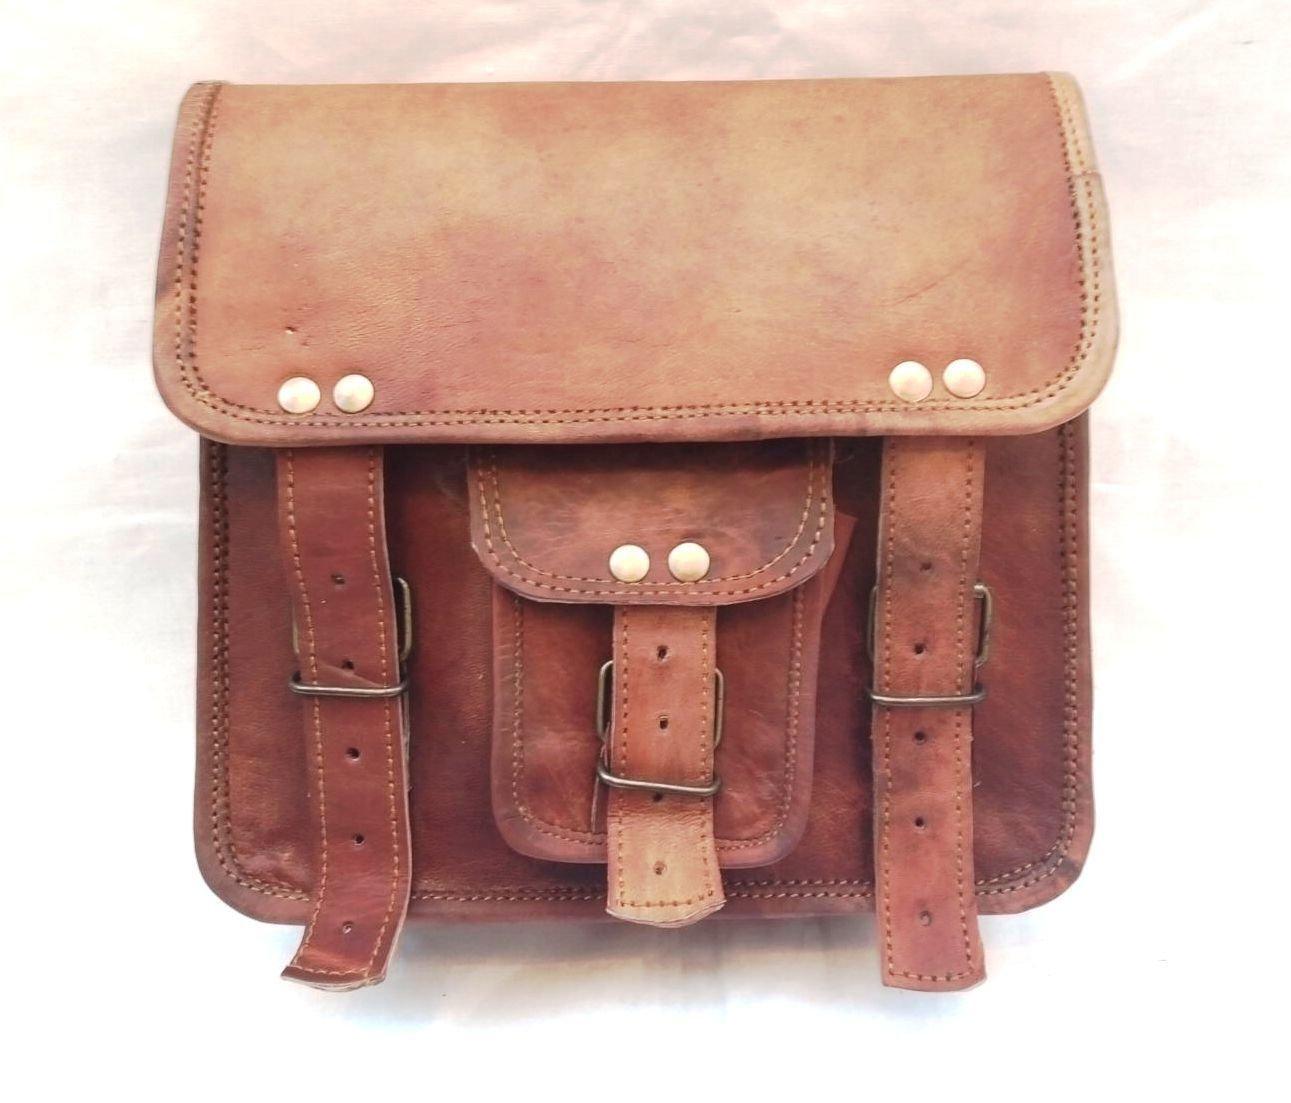 Messenger Bag Leather Vintage Full Flap Laptop Tablet Shoulder Brown Bag Fashionable Bag.